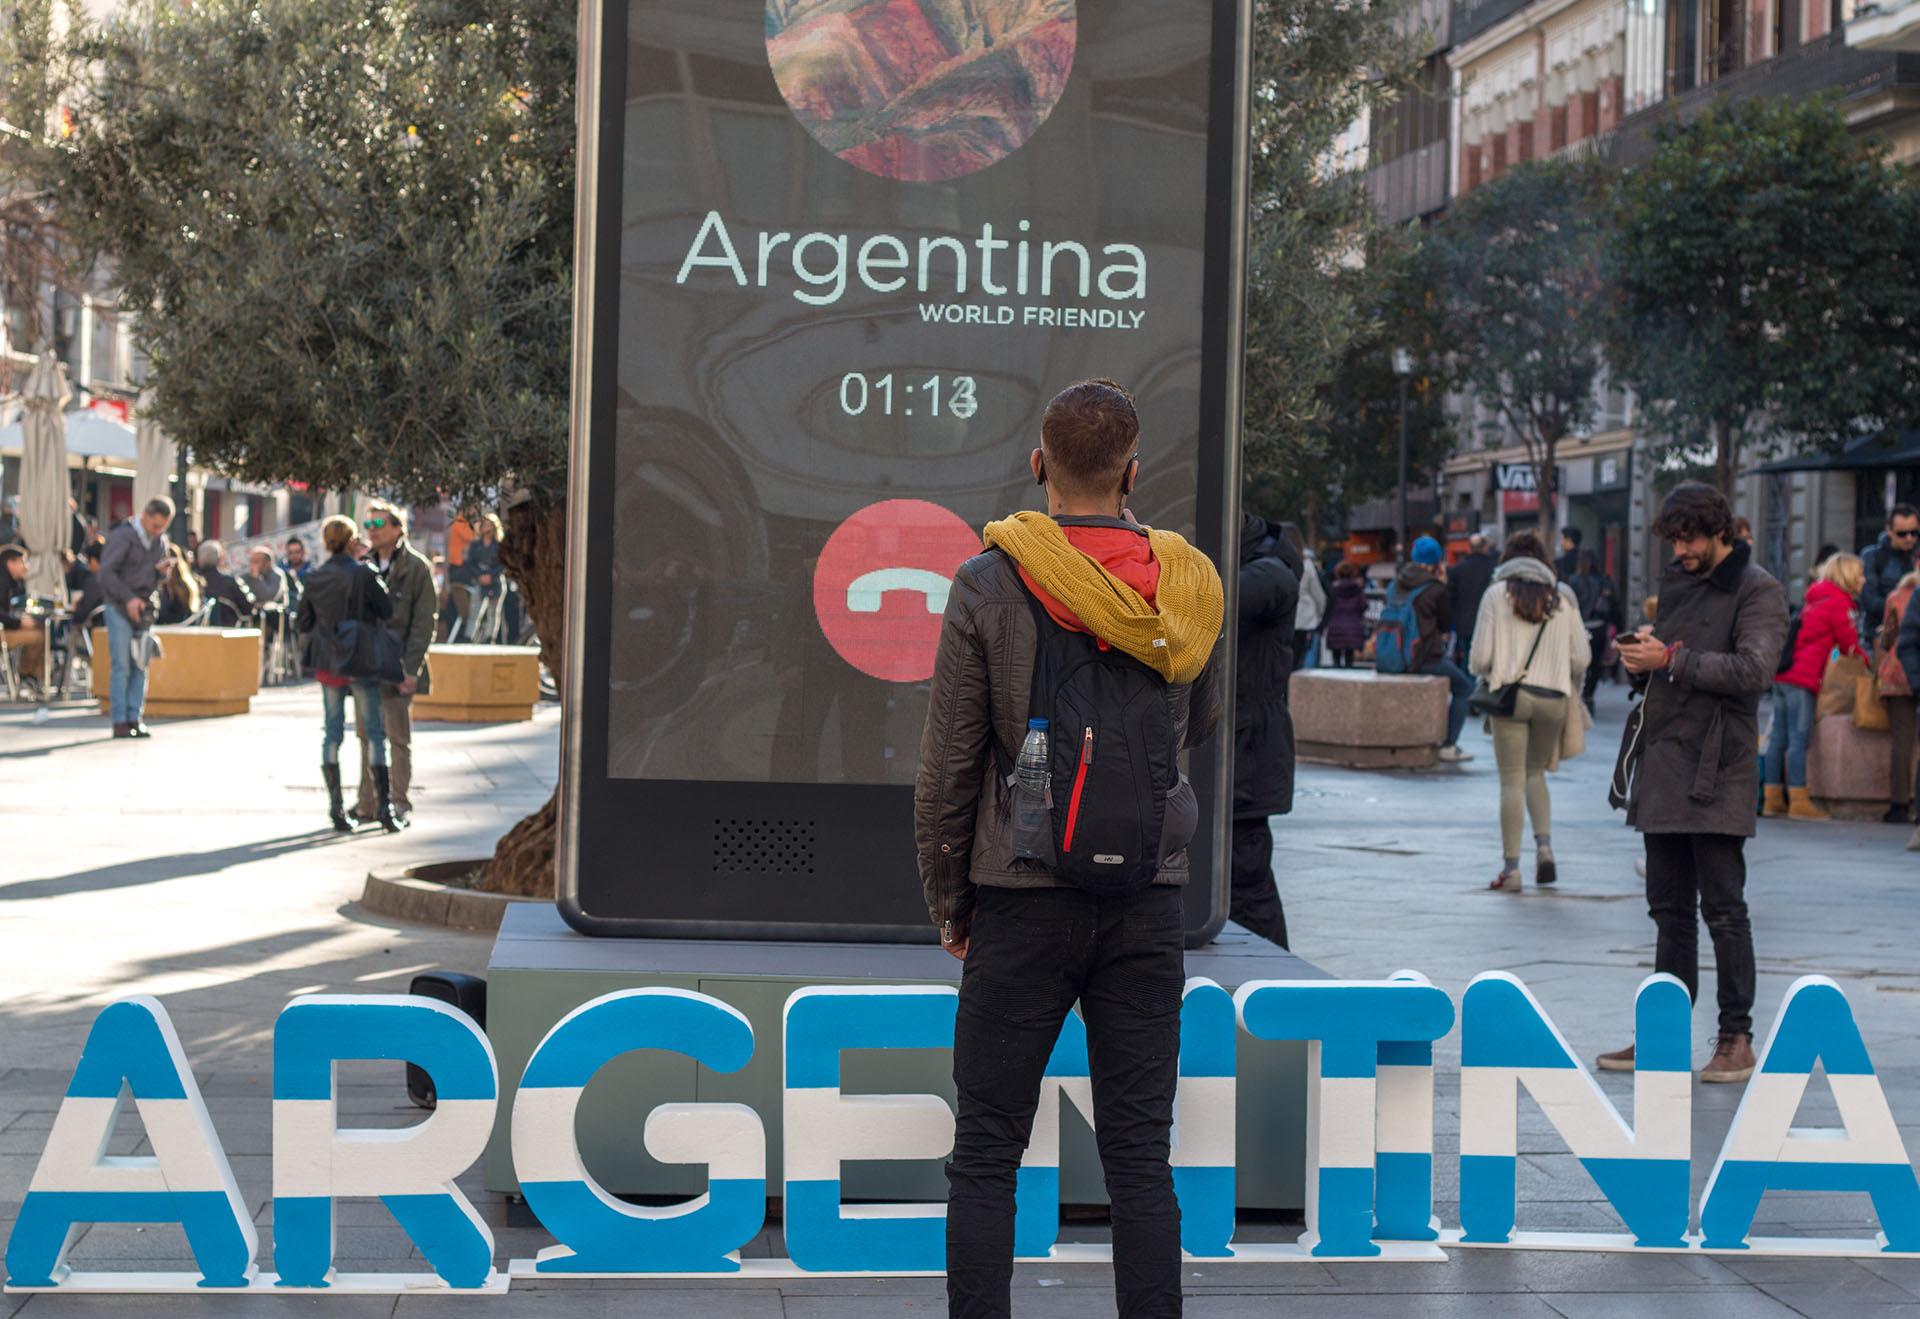 Un teléfono gigante sorprendió con una videollamada especial a la gente que caminó por Madrid la semana pasada. Permitó hablar con personas que se encontraban viajando por nuestro país.